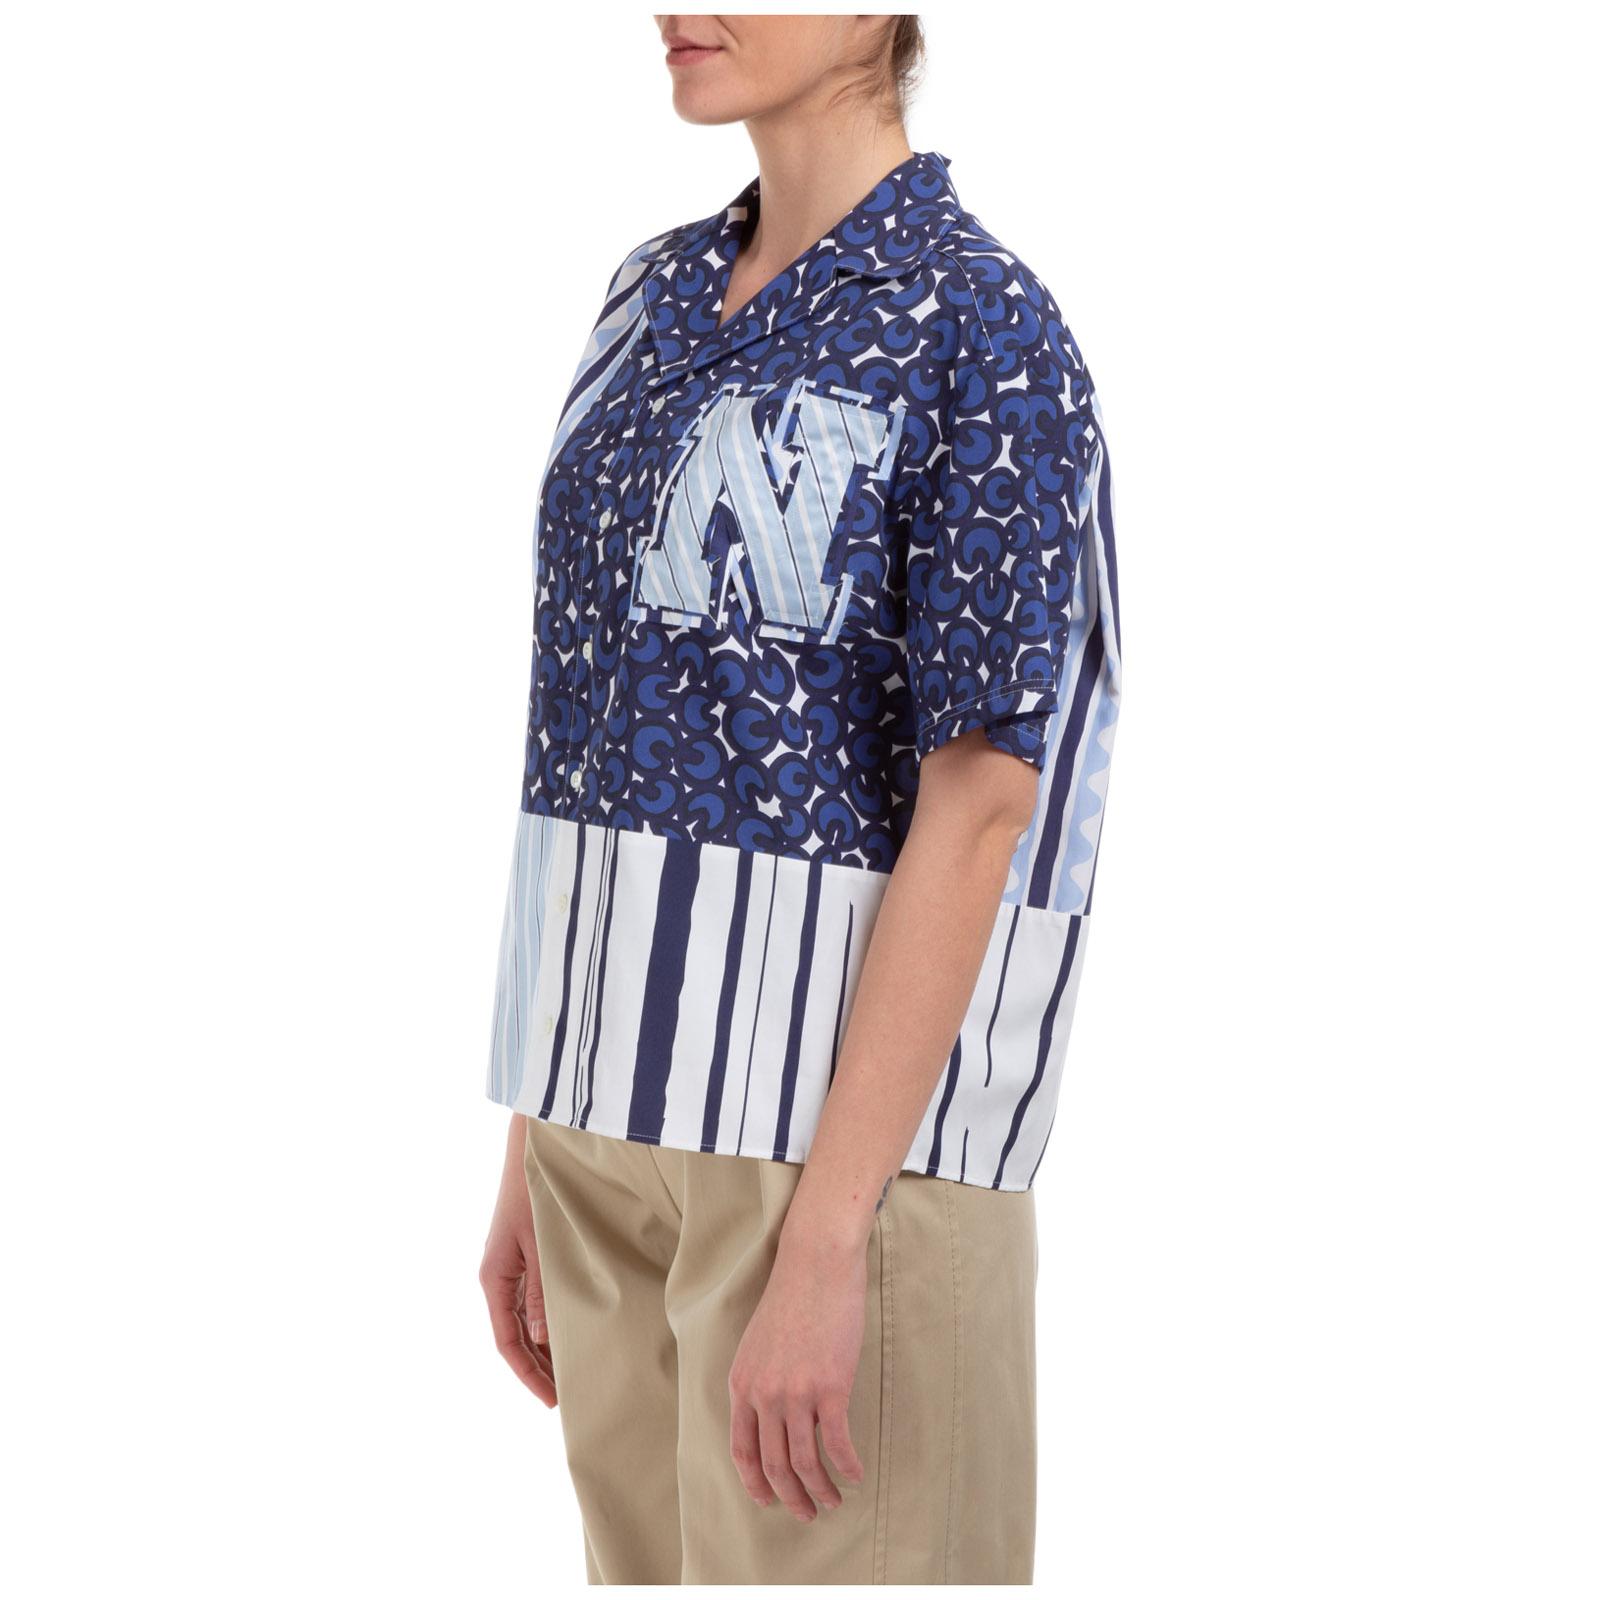 Women's shirt short sleeve